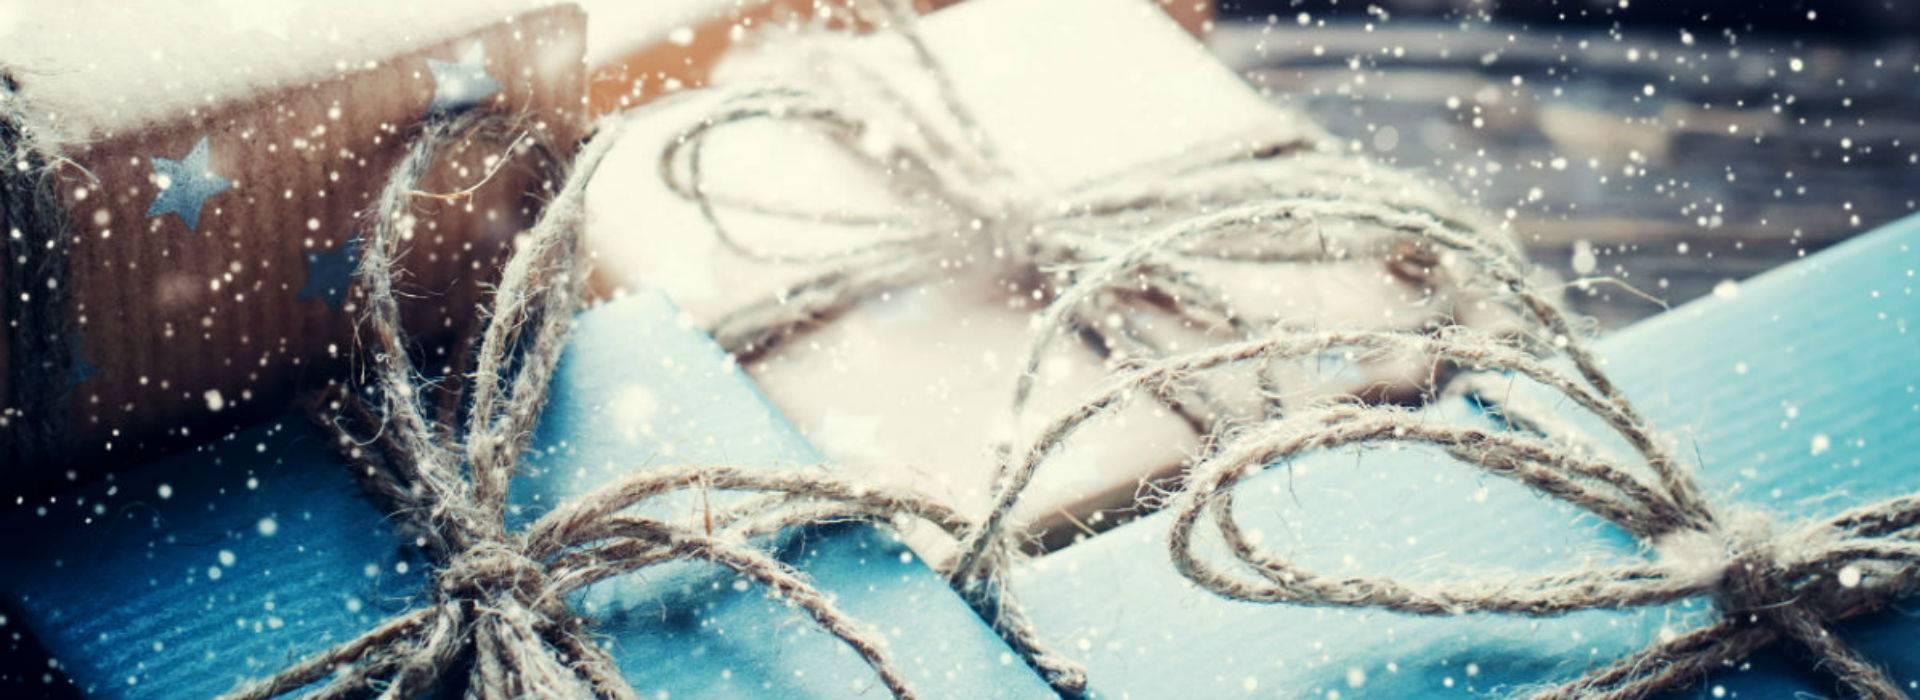 Merry Christmas blog post